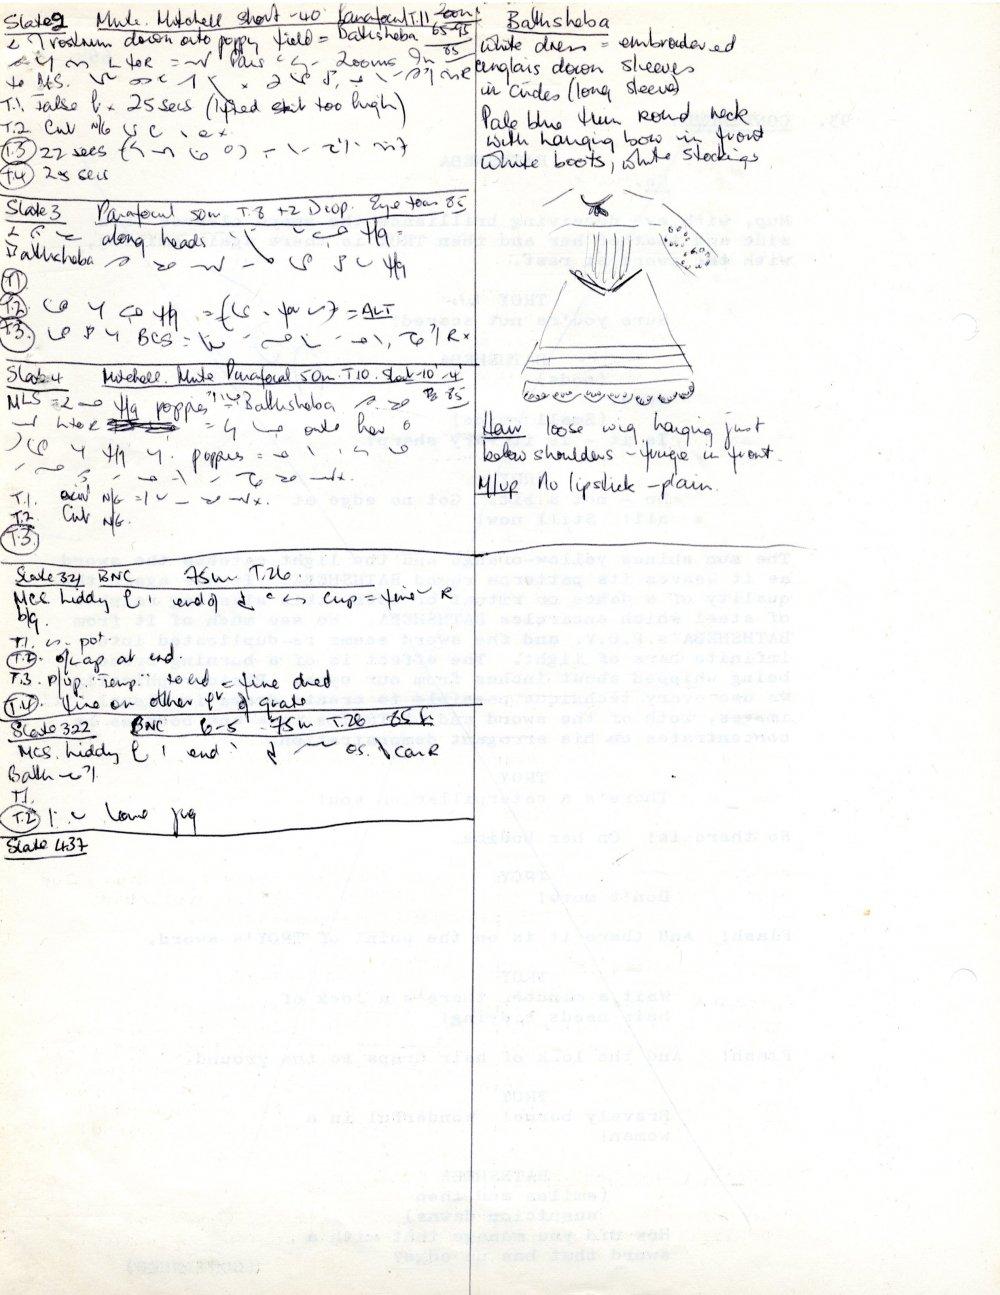 Ann Skinner's continuity notes for Julie Christie's white dress